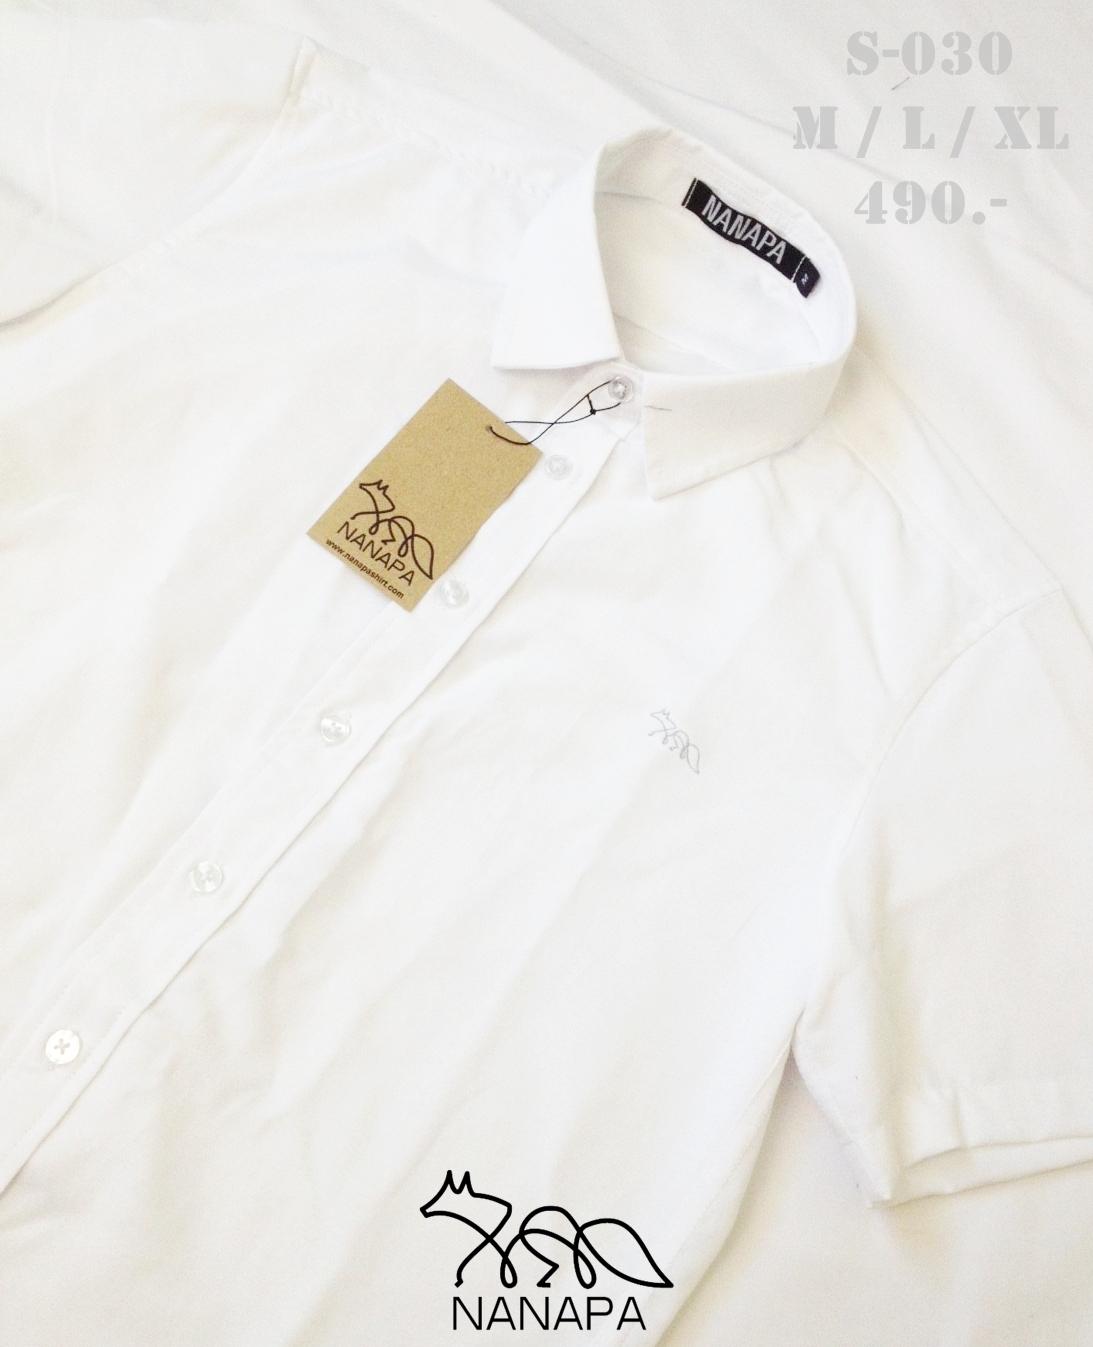 เสื้อเชิ้ตแขนสั้น ชาย NANAPA Shirts S-030